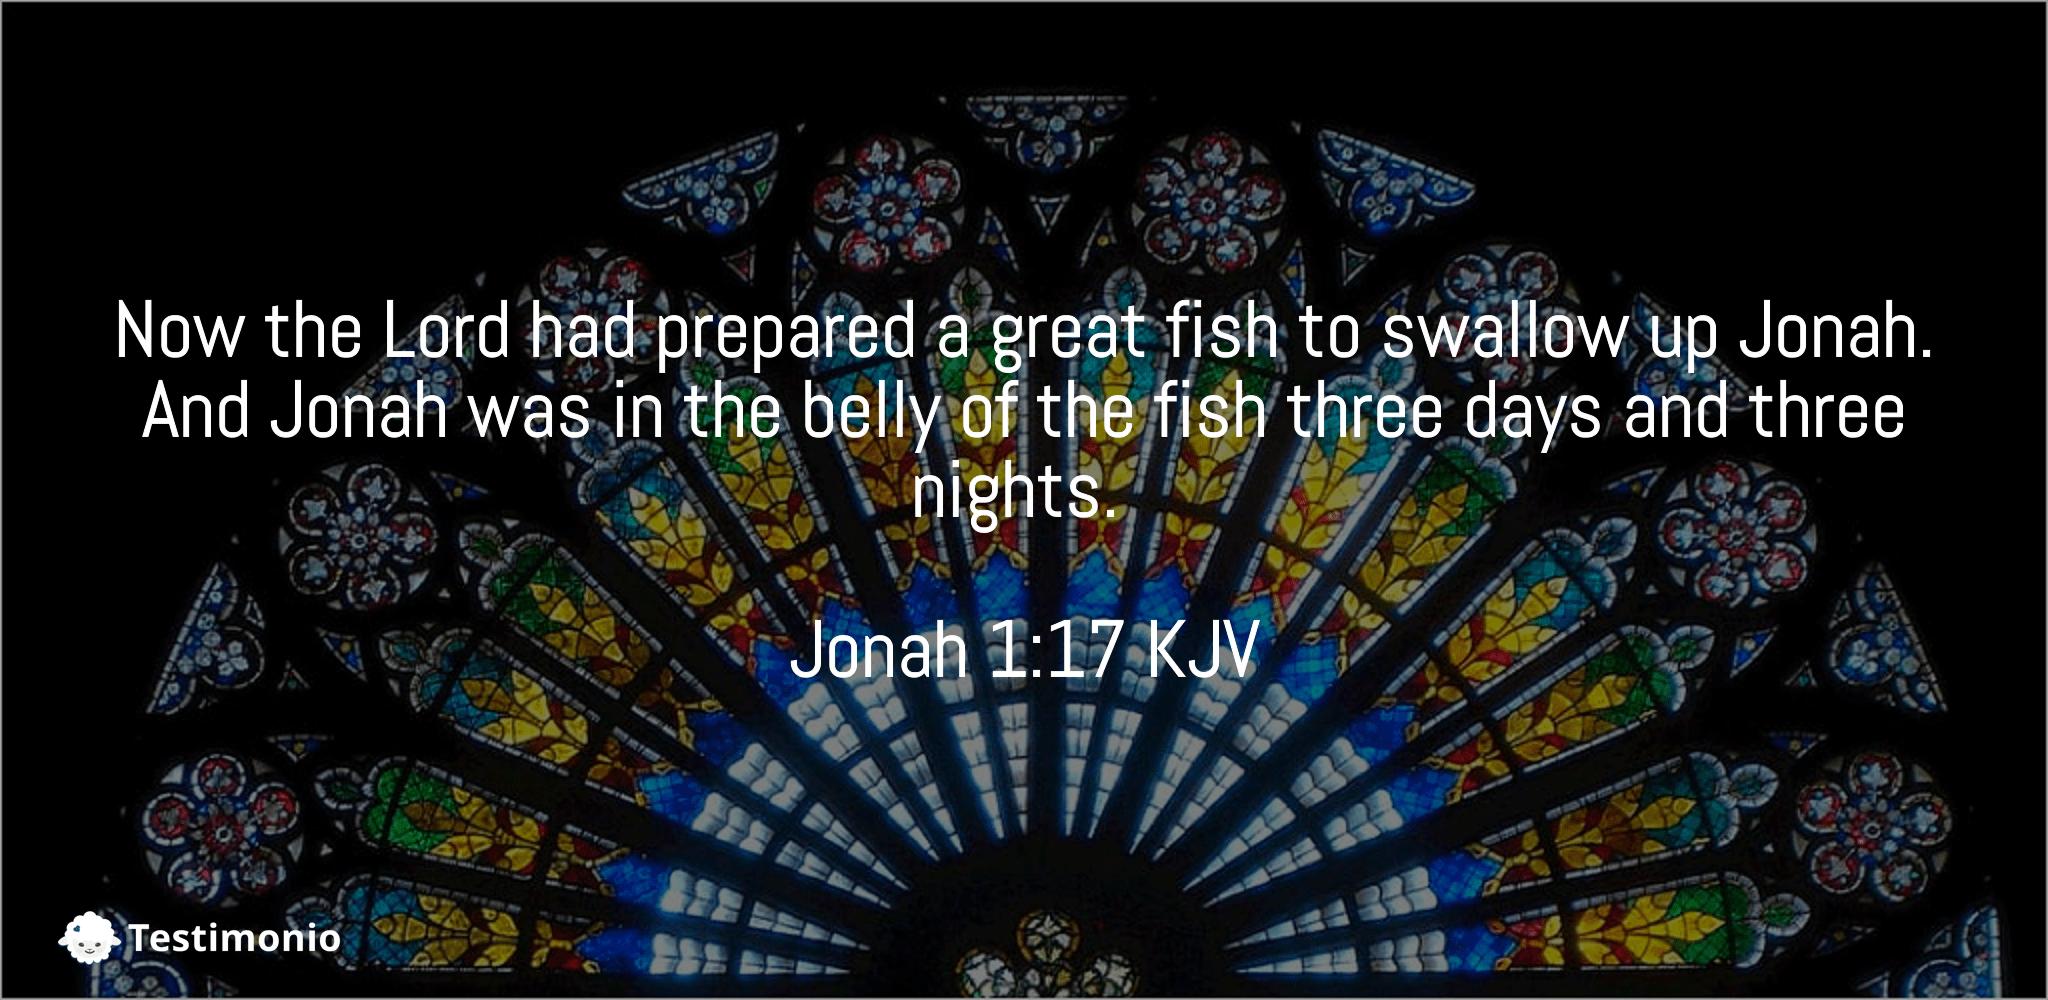 Jonah 1:17